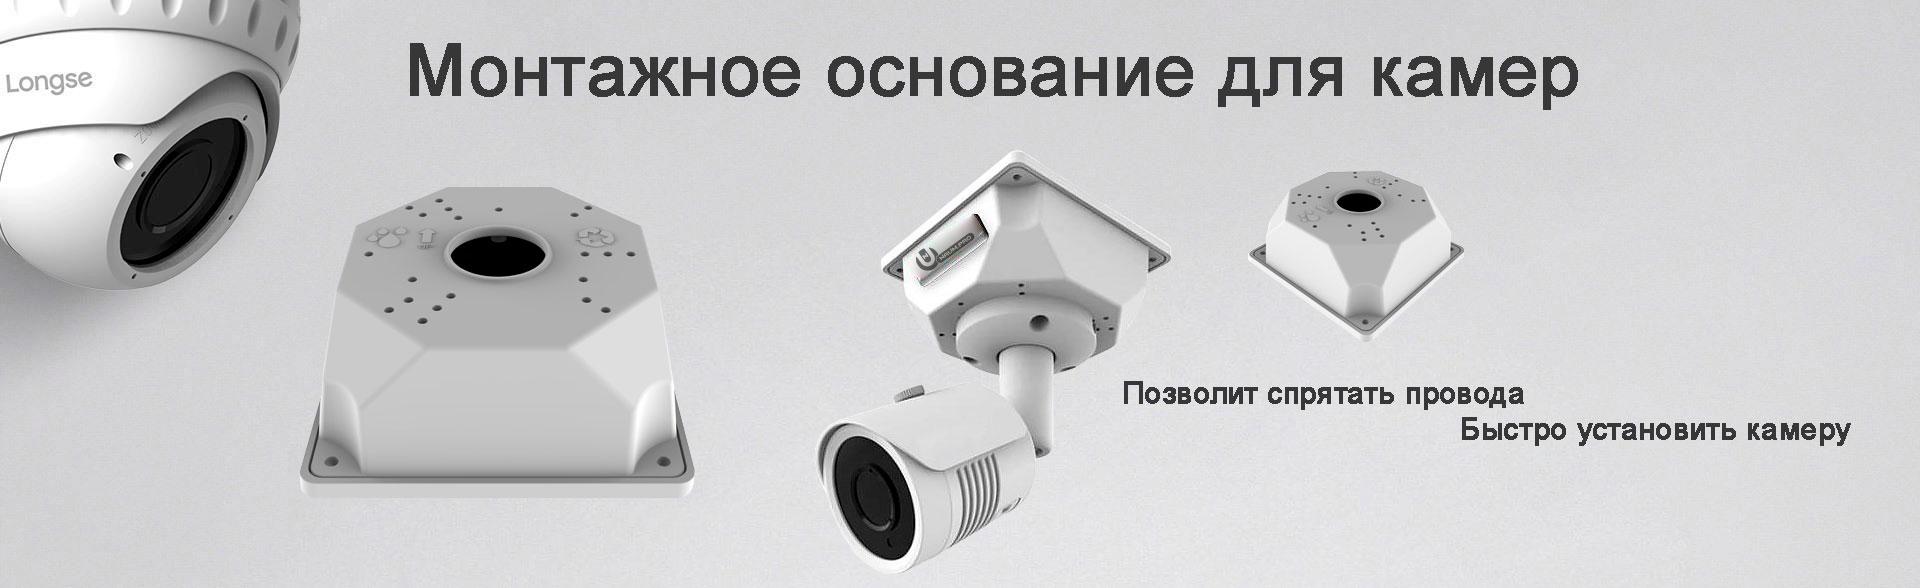 Распред коробка для камер видеонаблюдения